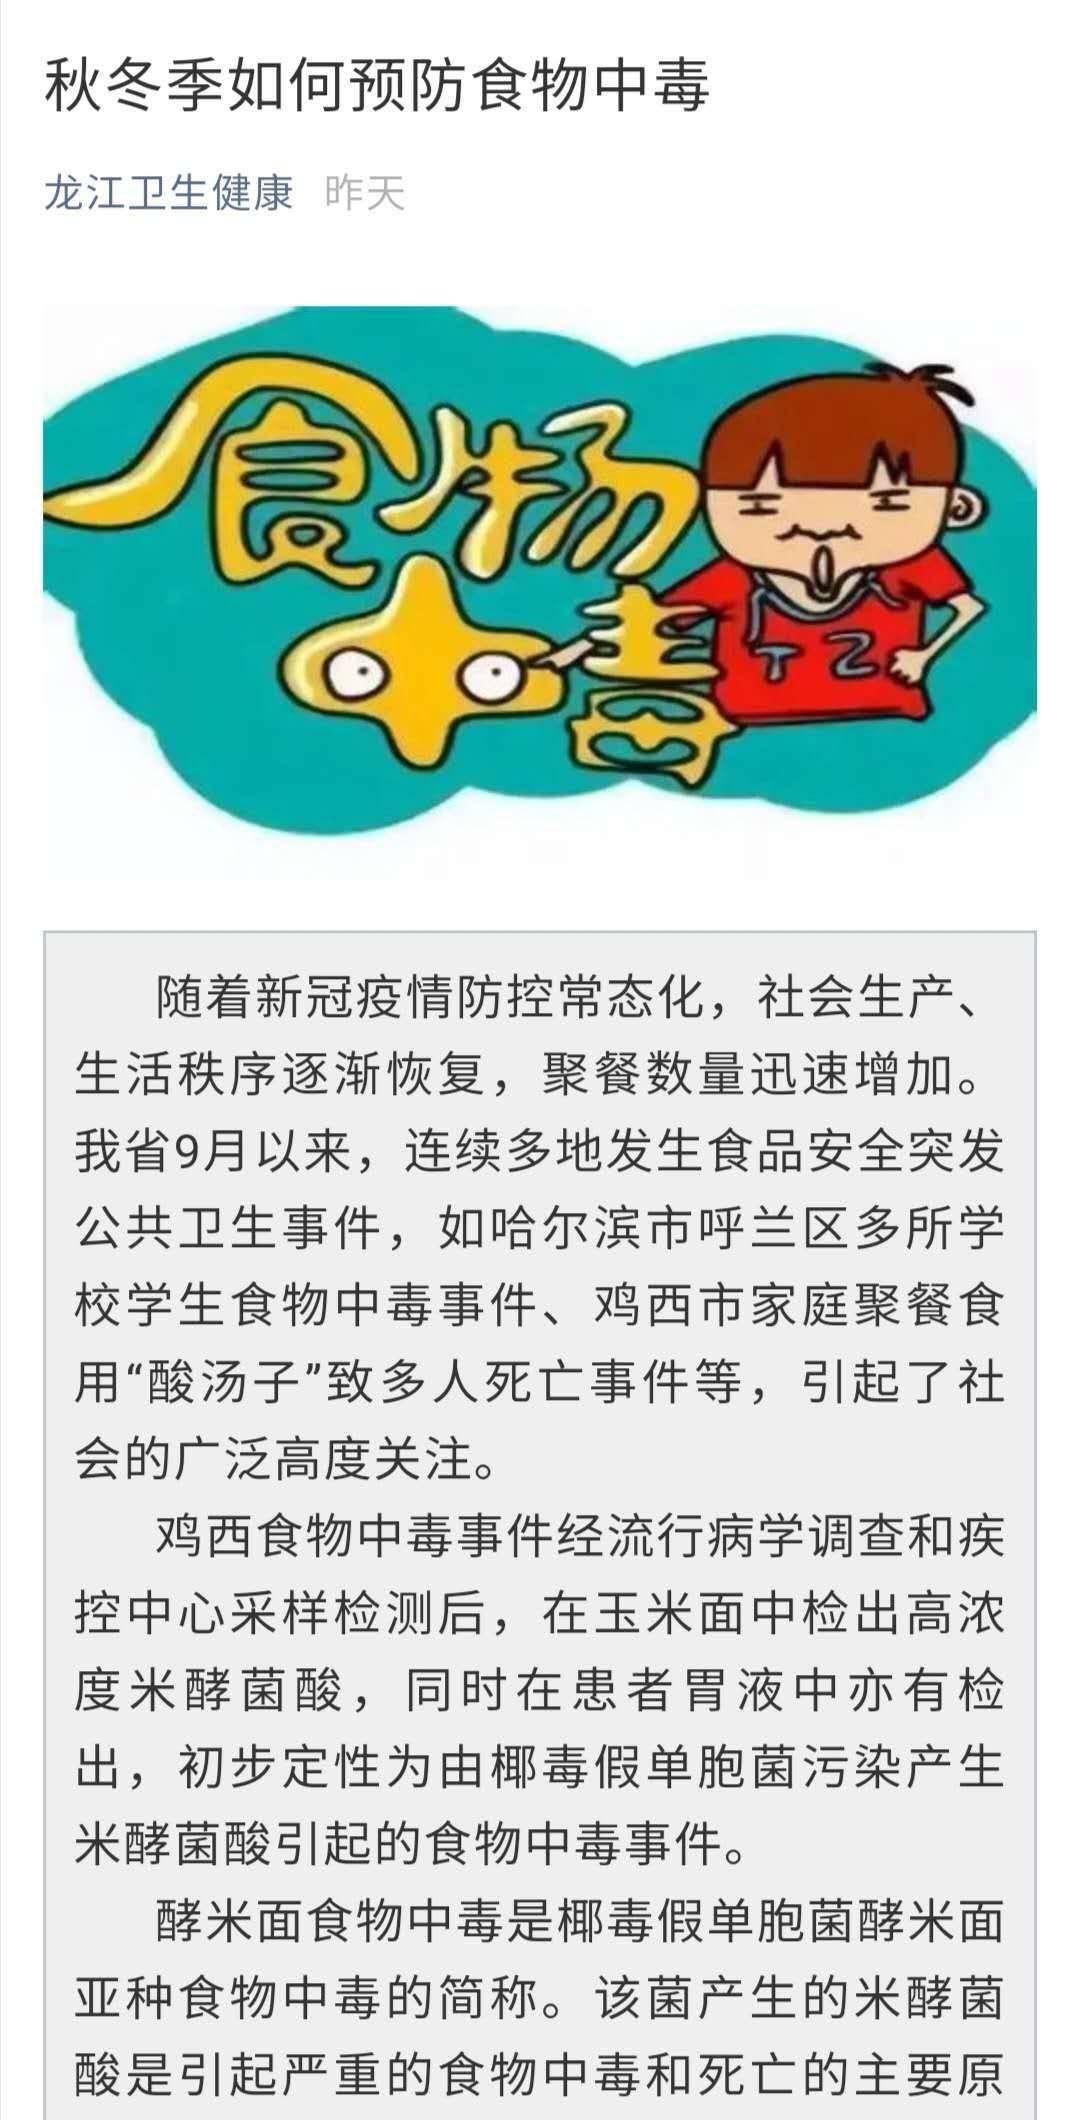 鸡西家庭聚餐中毒致死原因有变:为米酵菌酸引发,非黄曲霉毒素